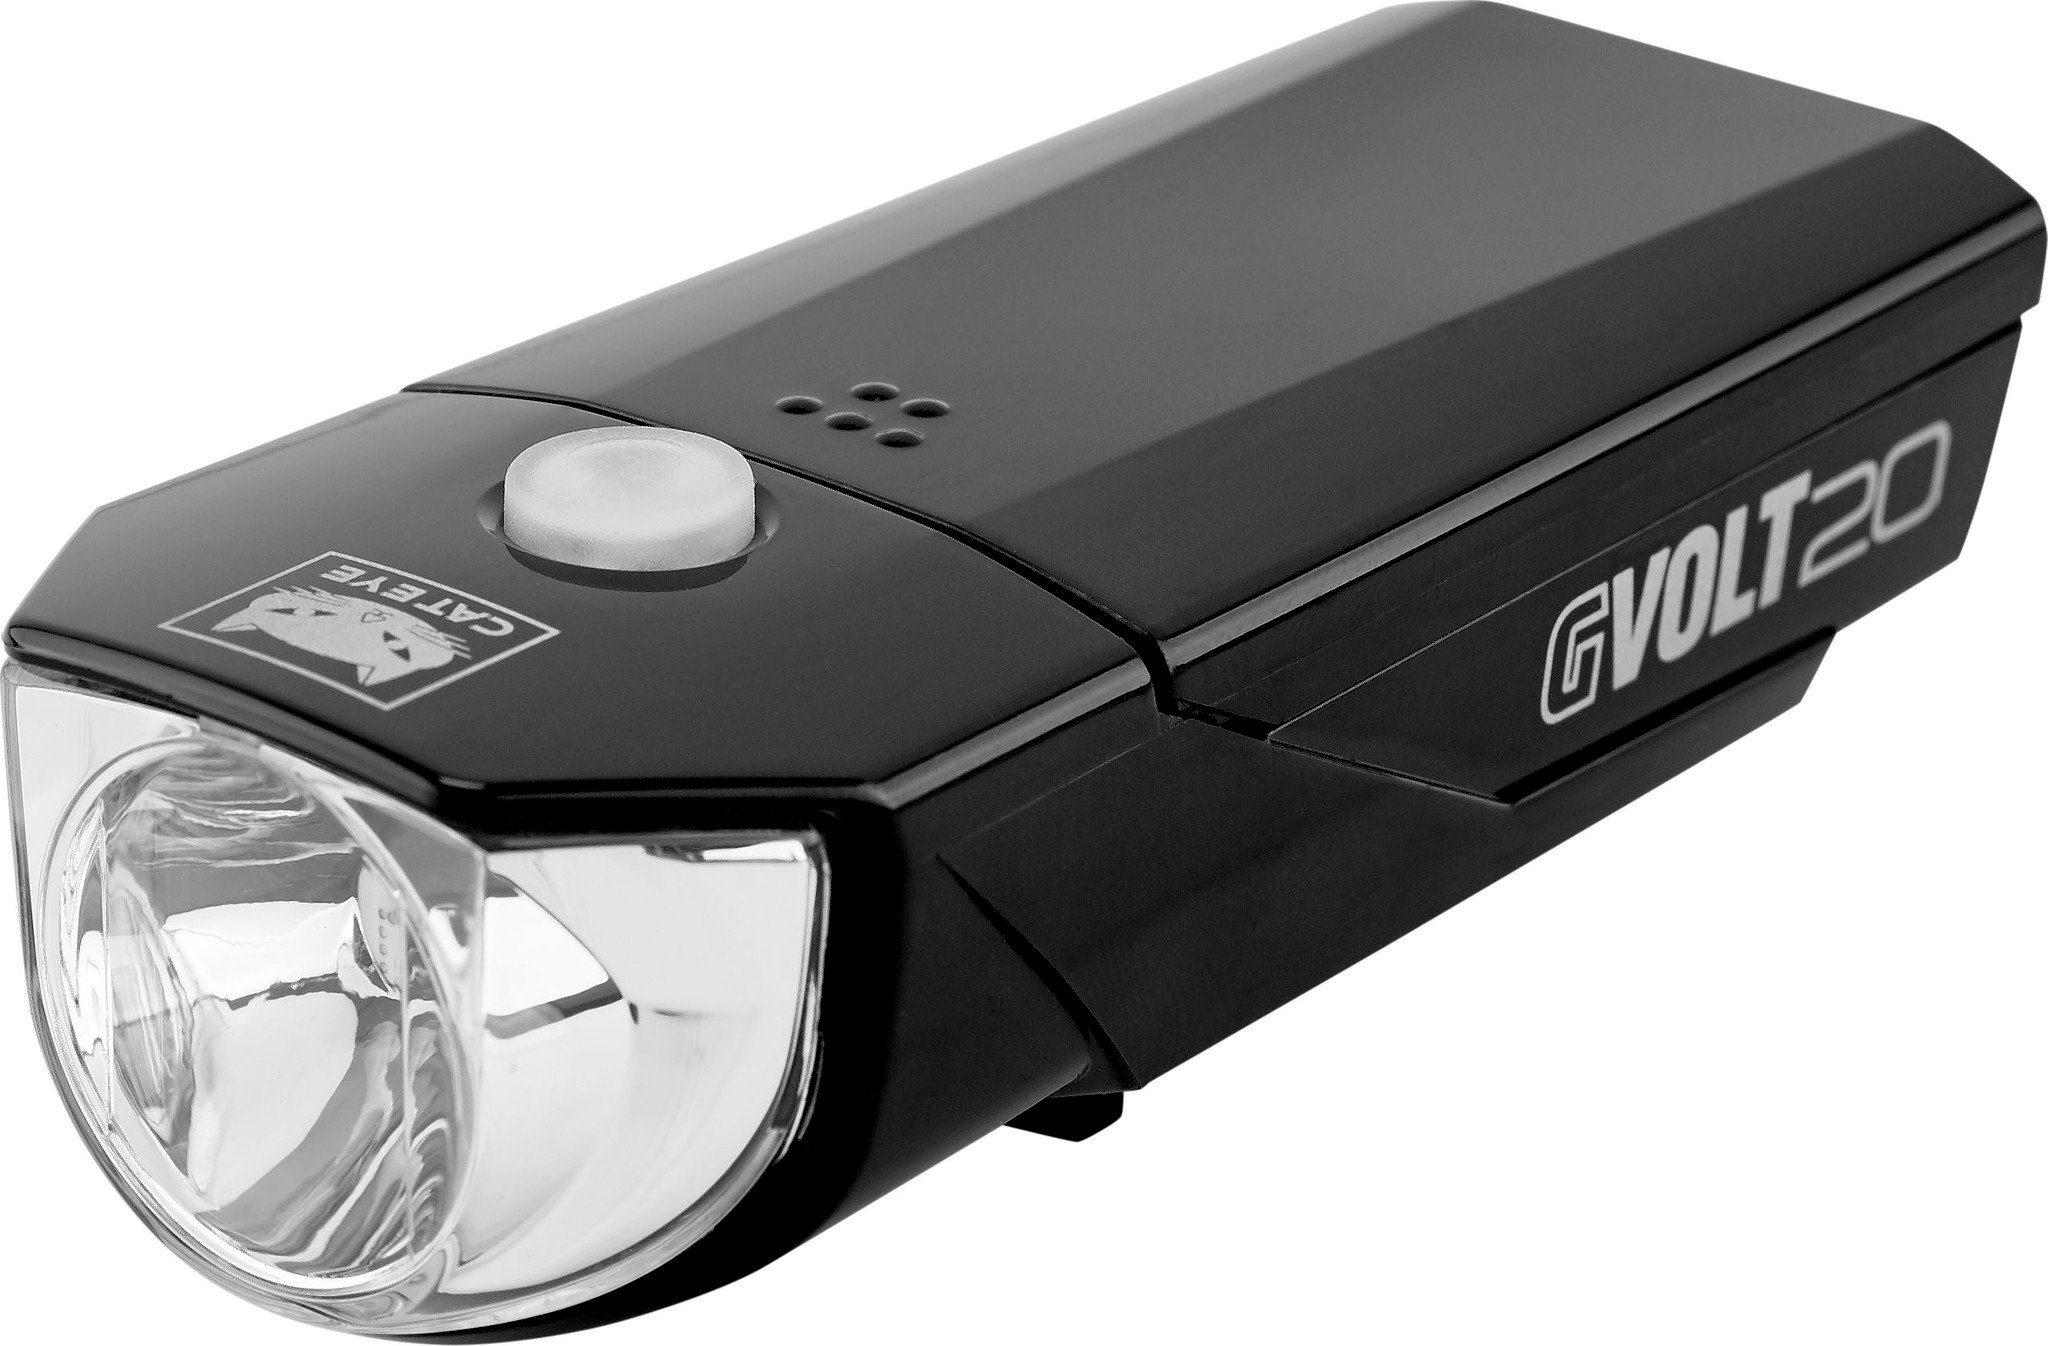 Cateye Fahrradbeleuchtung »GVOLT20 HL-EL350G Frontlicht mit StVZO«